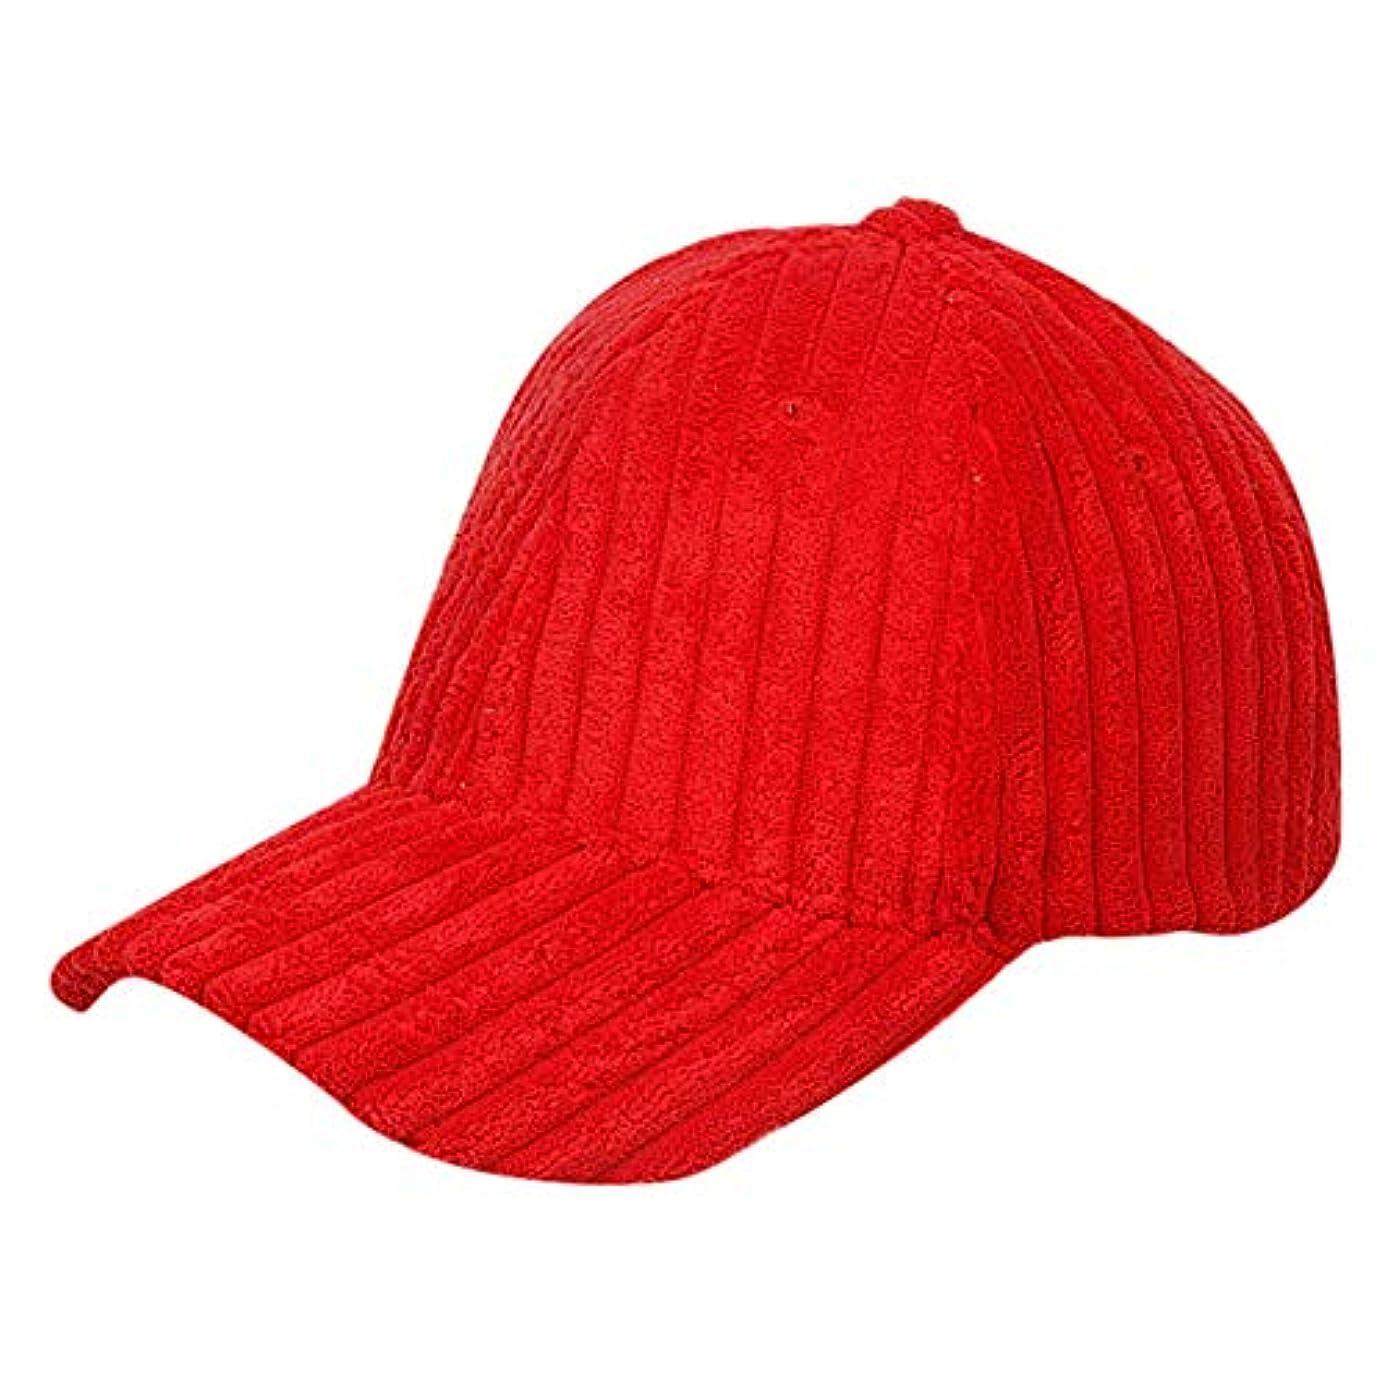 セマフォコークス指紋Racazing Cap コーデュロイ 野球帽 迷彩 冬 登山 通気性のある メッシュ 帽子 ベルクロ 可調整可能 ストライプ 刺繍 棒球帽 UV 帽子 軽量 屋外 Unisex Hat (赤)